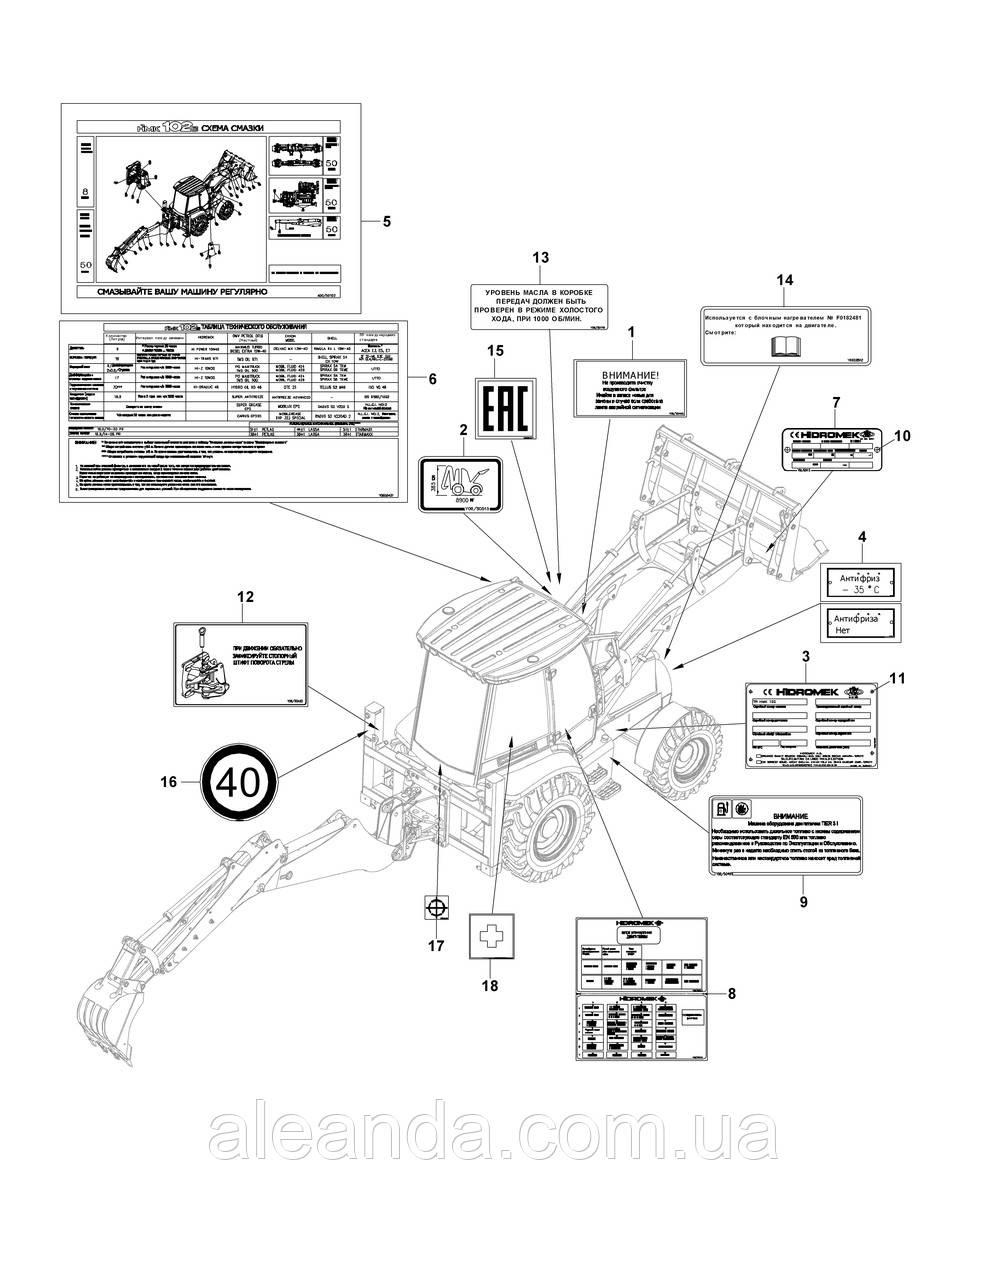 S1830648 Котушка електромагнітна Hidromek